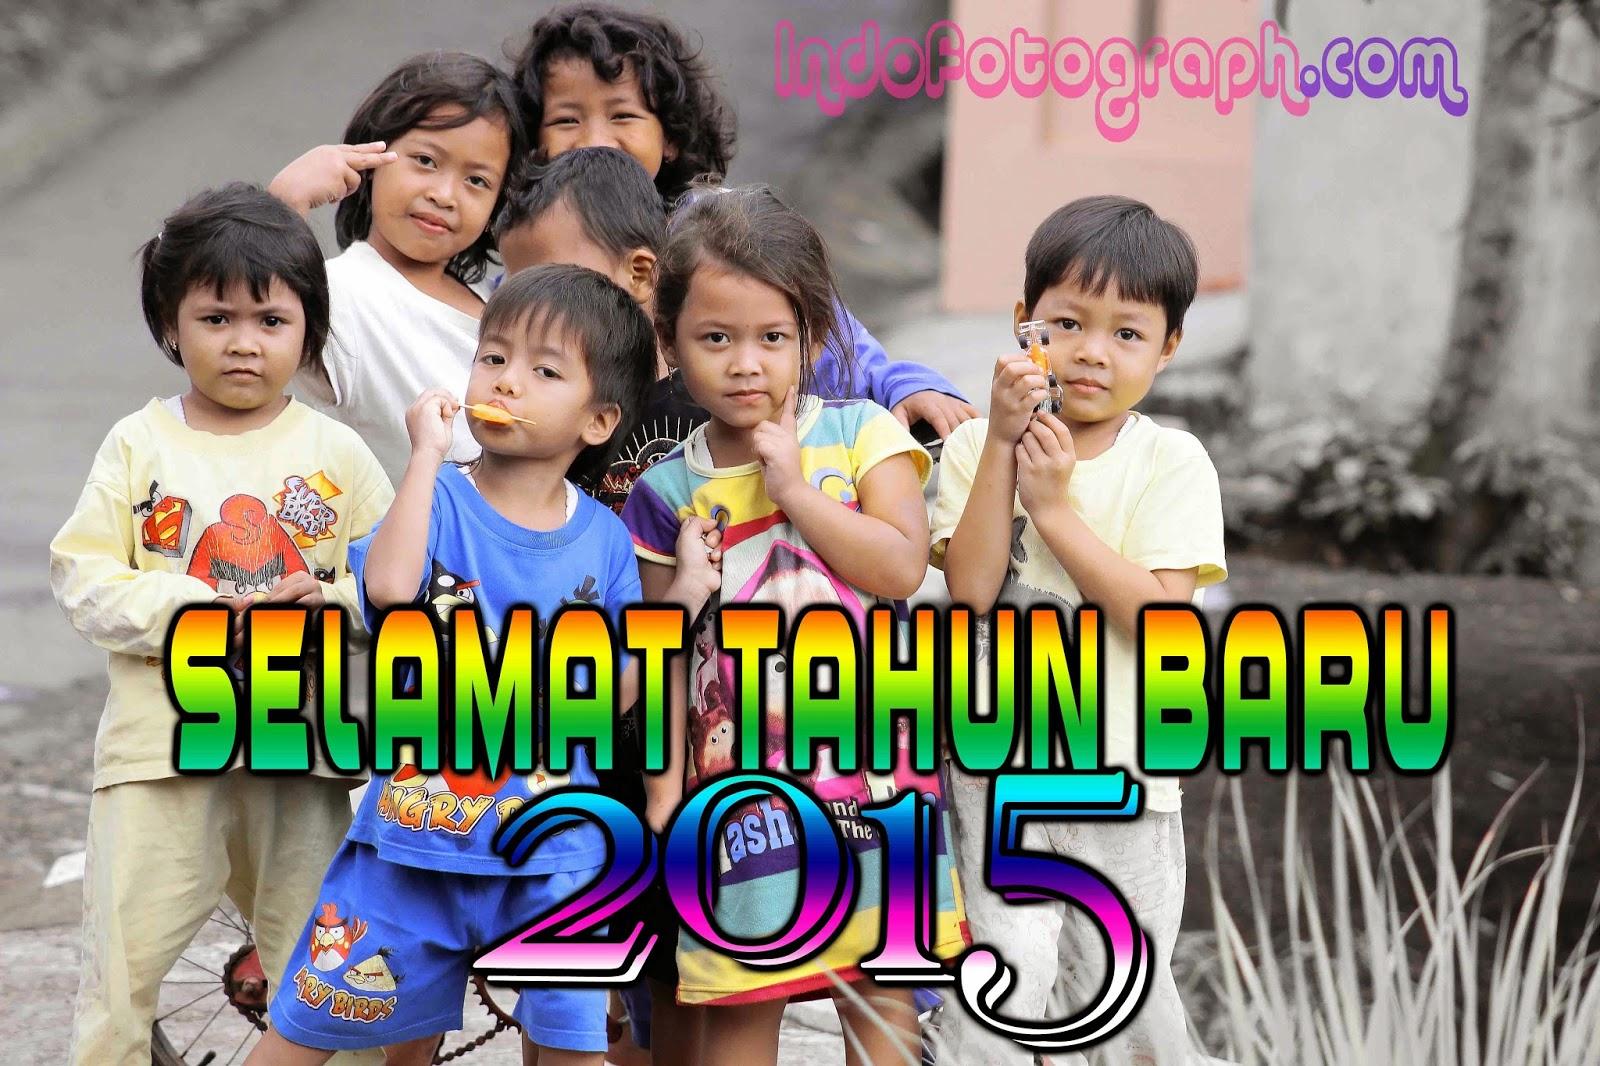 Kata-Kata Ucapan Selamat Tahun Baru 2015 Buat Pacar